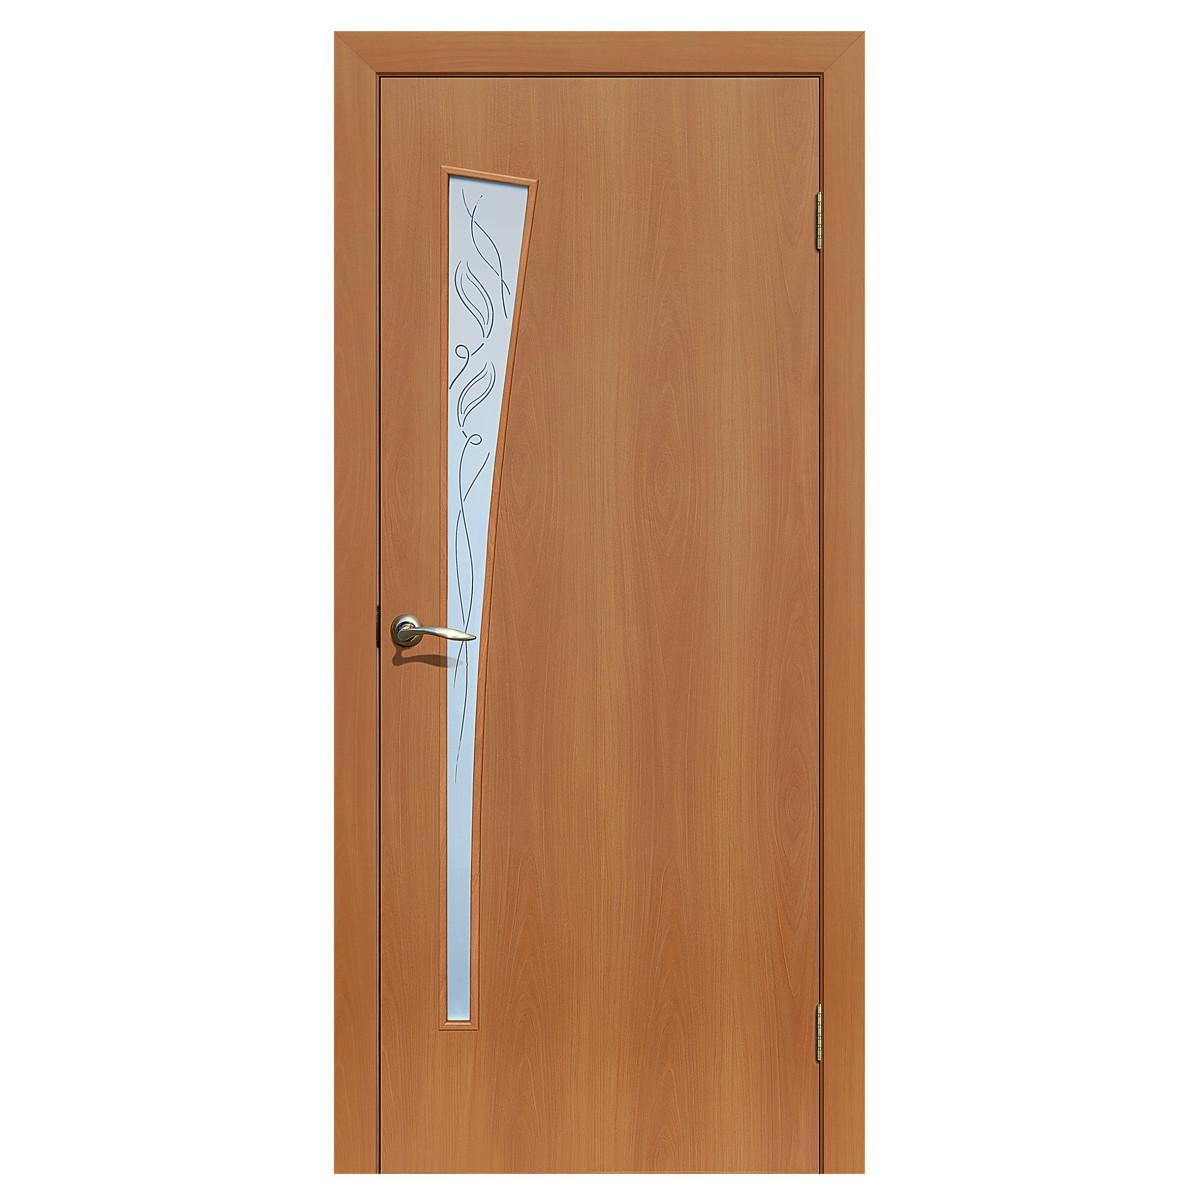 Дверь межкомнатная остеклённая ламинированная Белеза 90x200 см цвет миланский орех